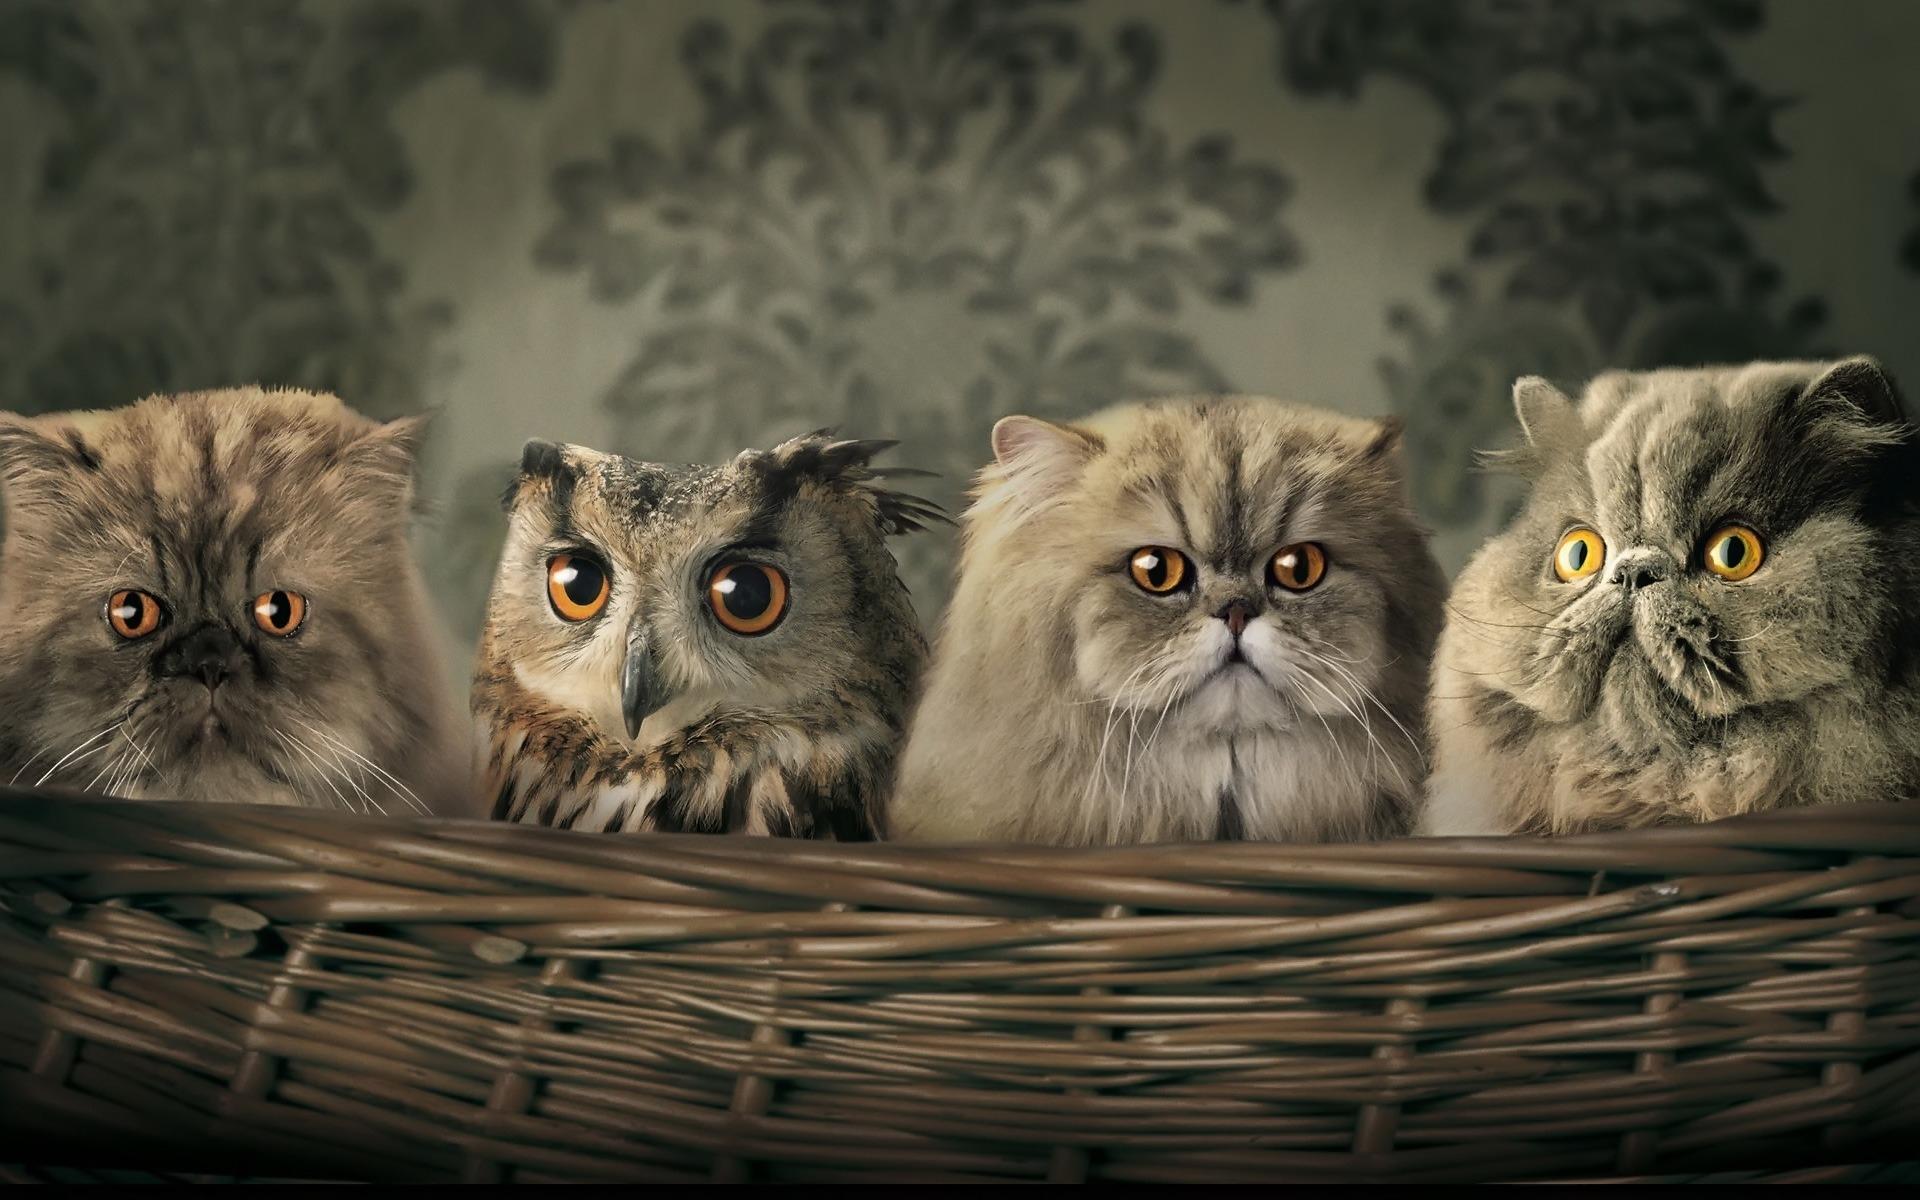 عکس گربه های بامزه برای پروفایل و تصویر پس زمینه